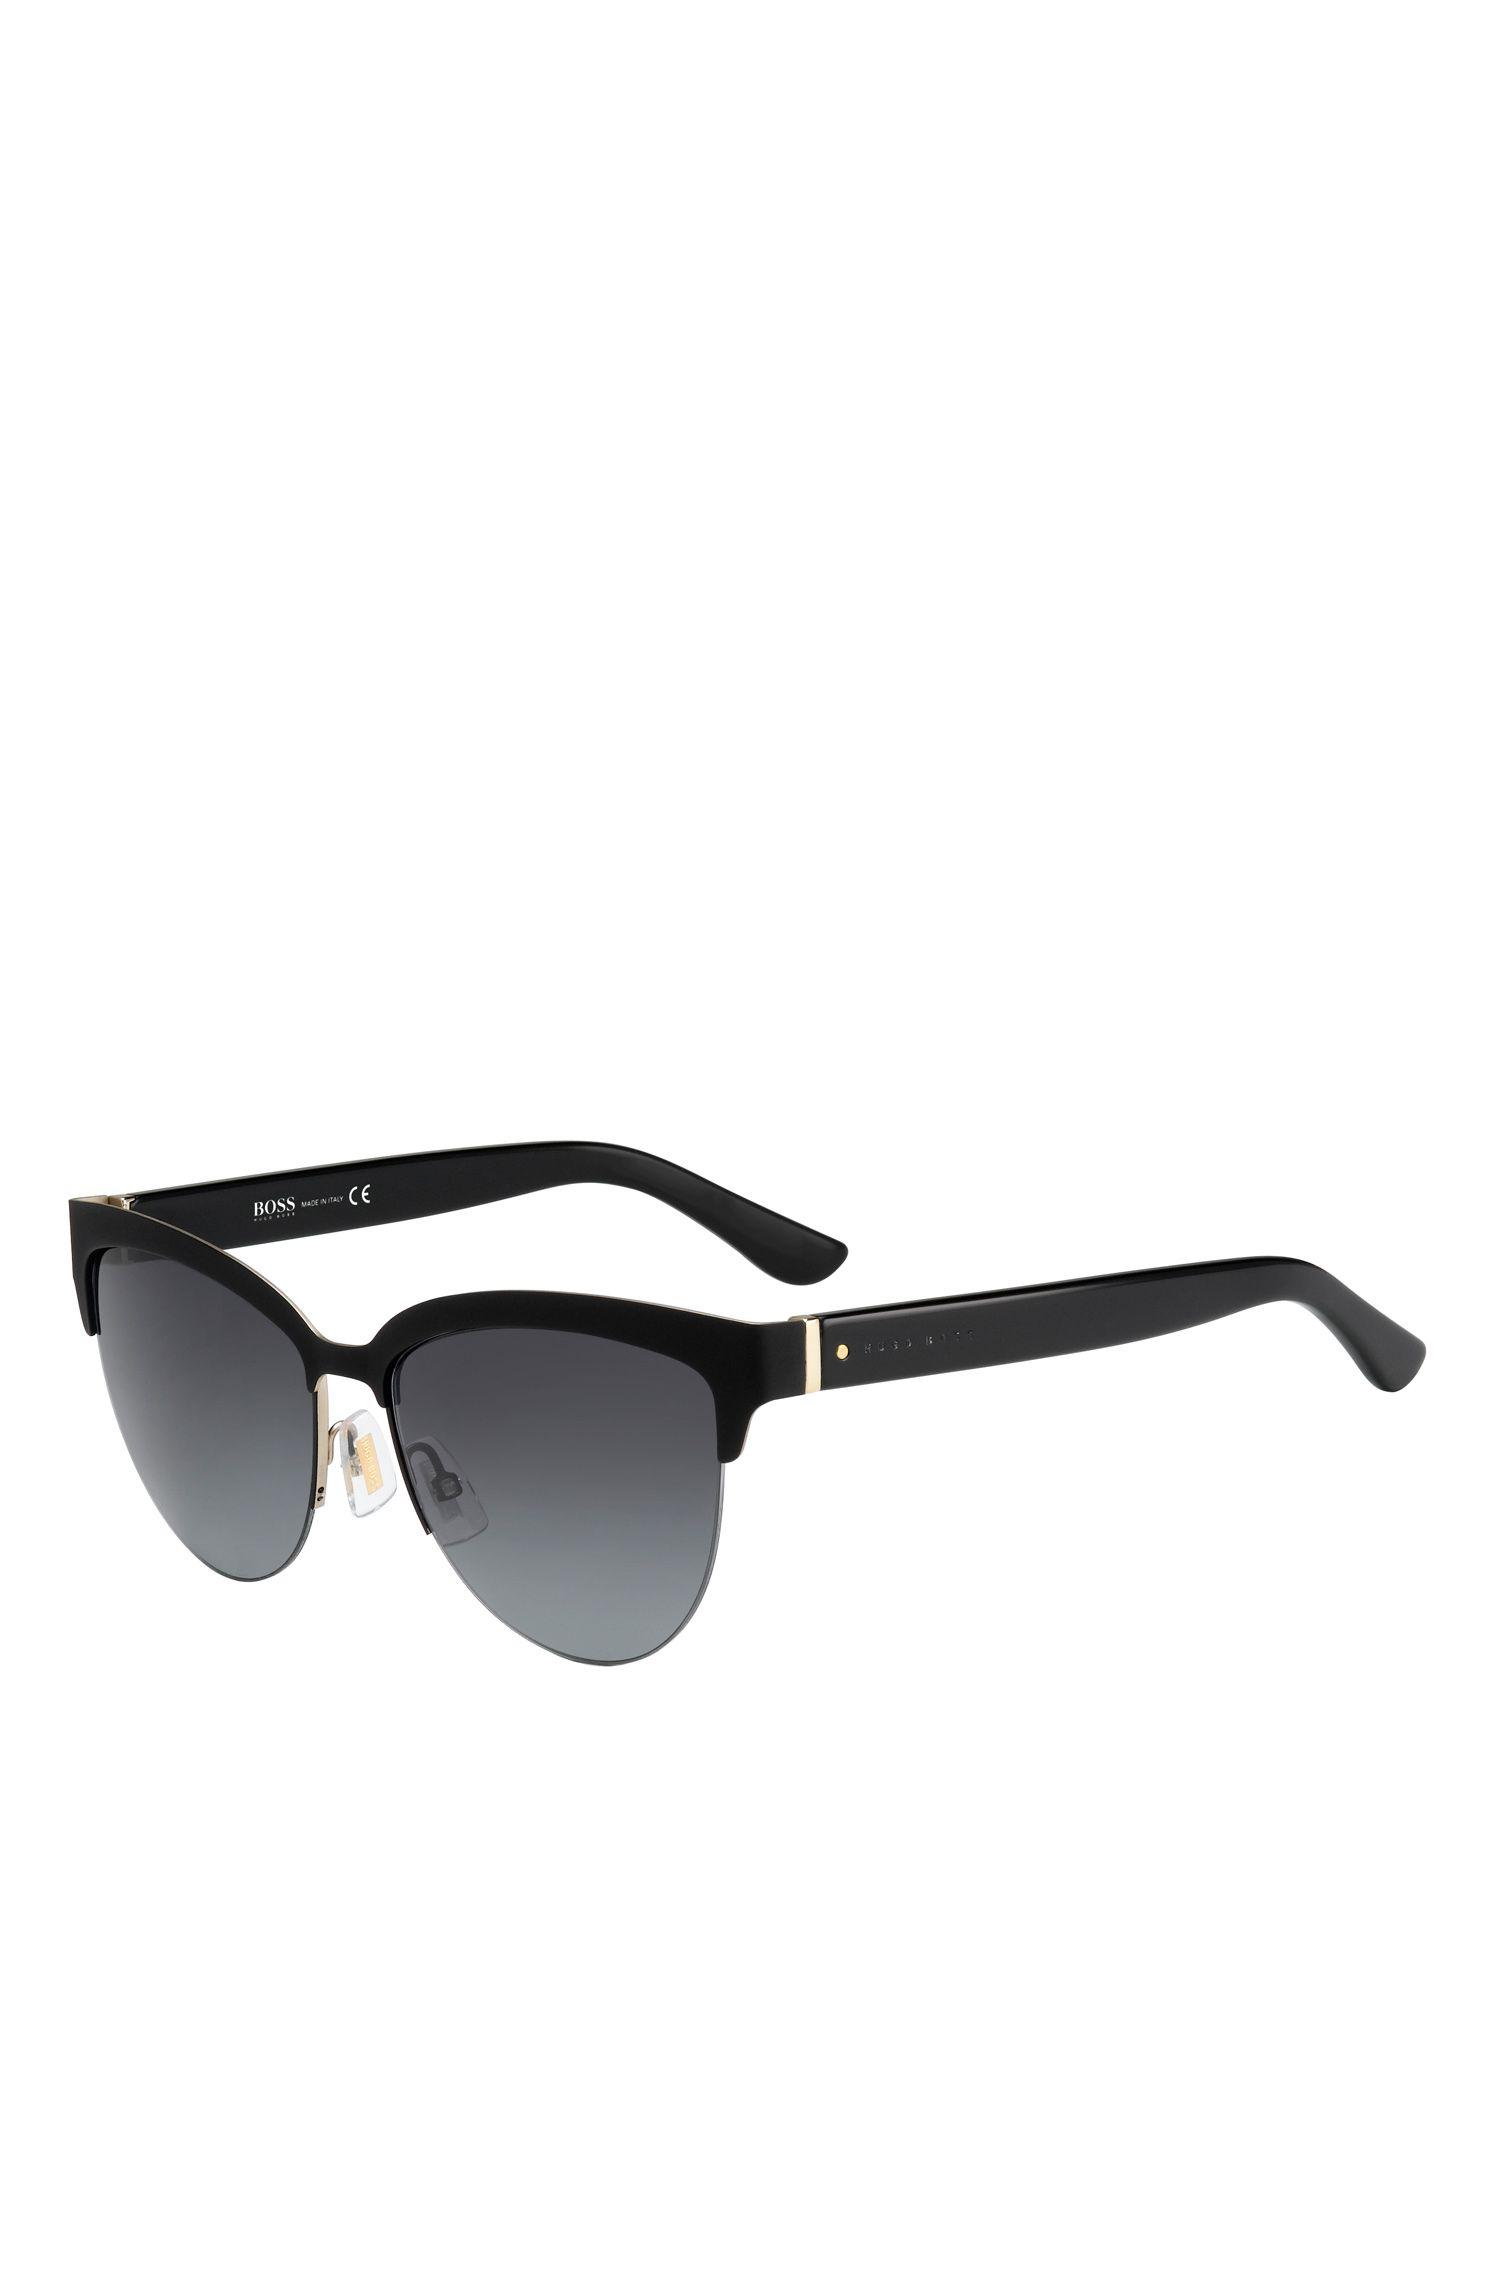 'BOSS 678S' | Black Lenses Half-Frame Cateye Sunglasses